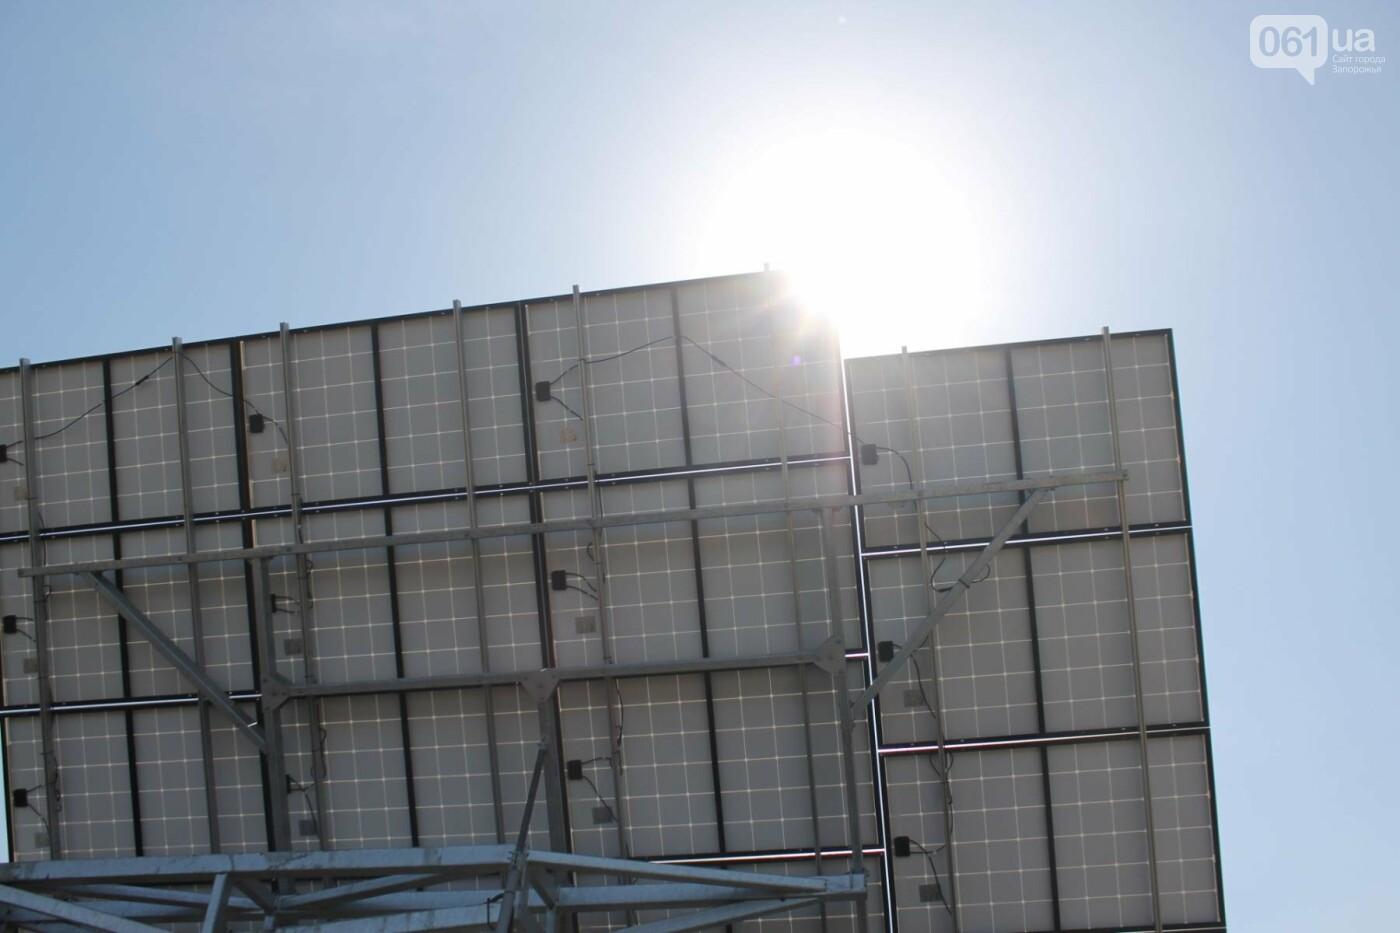 В запорожской громаде на месте свалки построили солнечную электростанцию: как она выглядит, – ФОТОРЕПОРТАЖ, фото-7